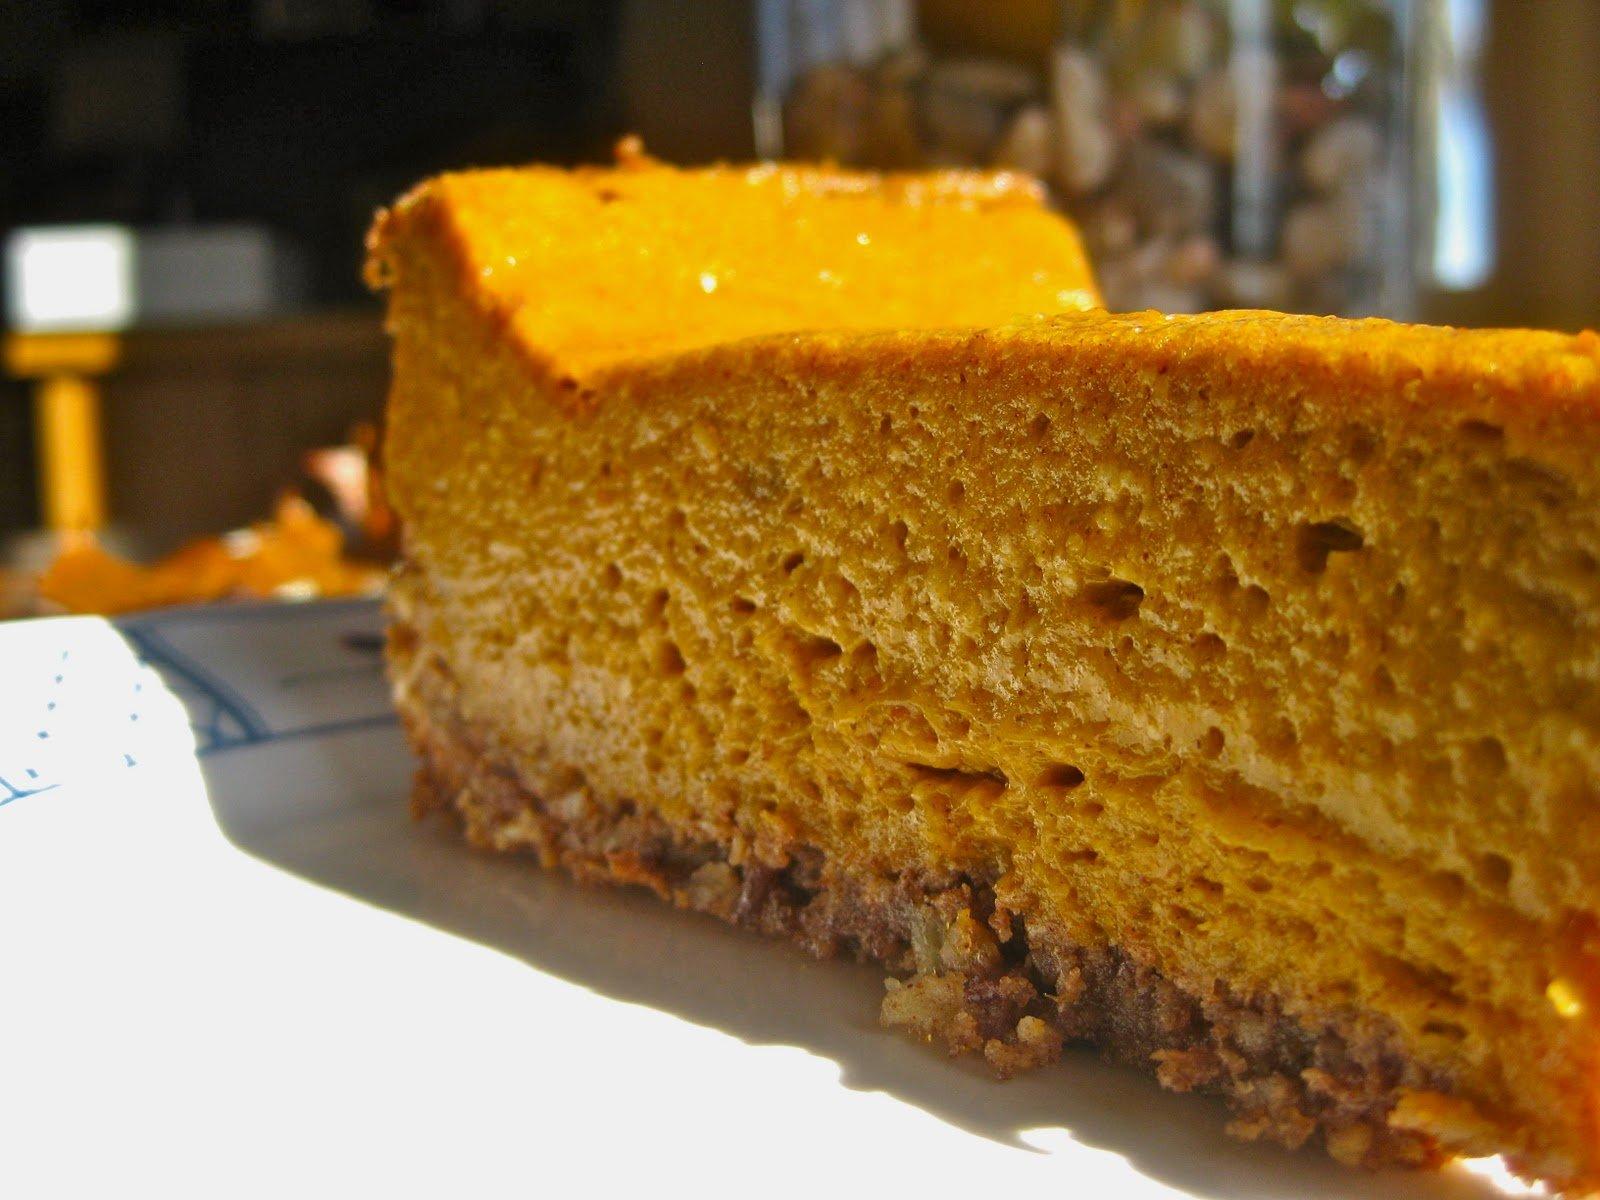 Gluten-free Pumpkin Pie courtesy of Gluten-Free Goddess